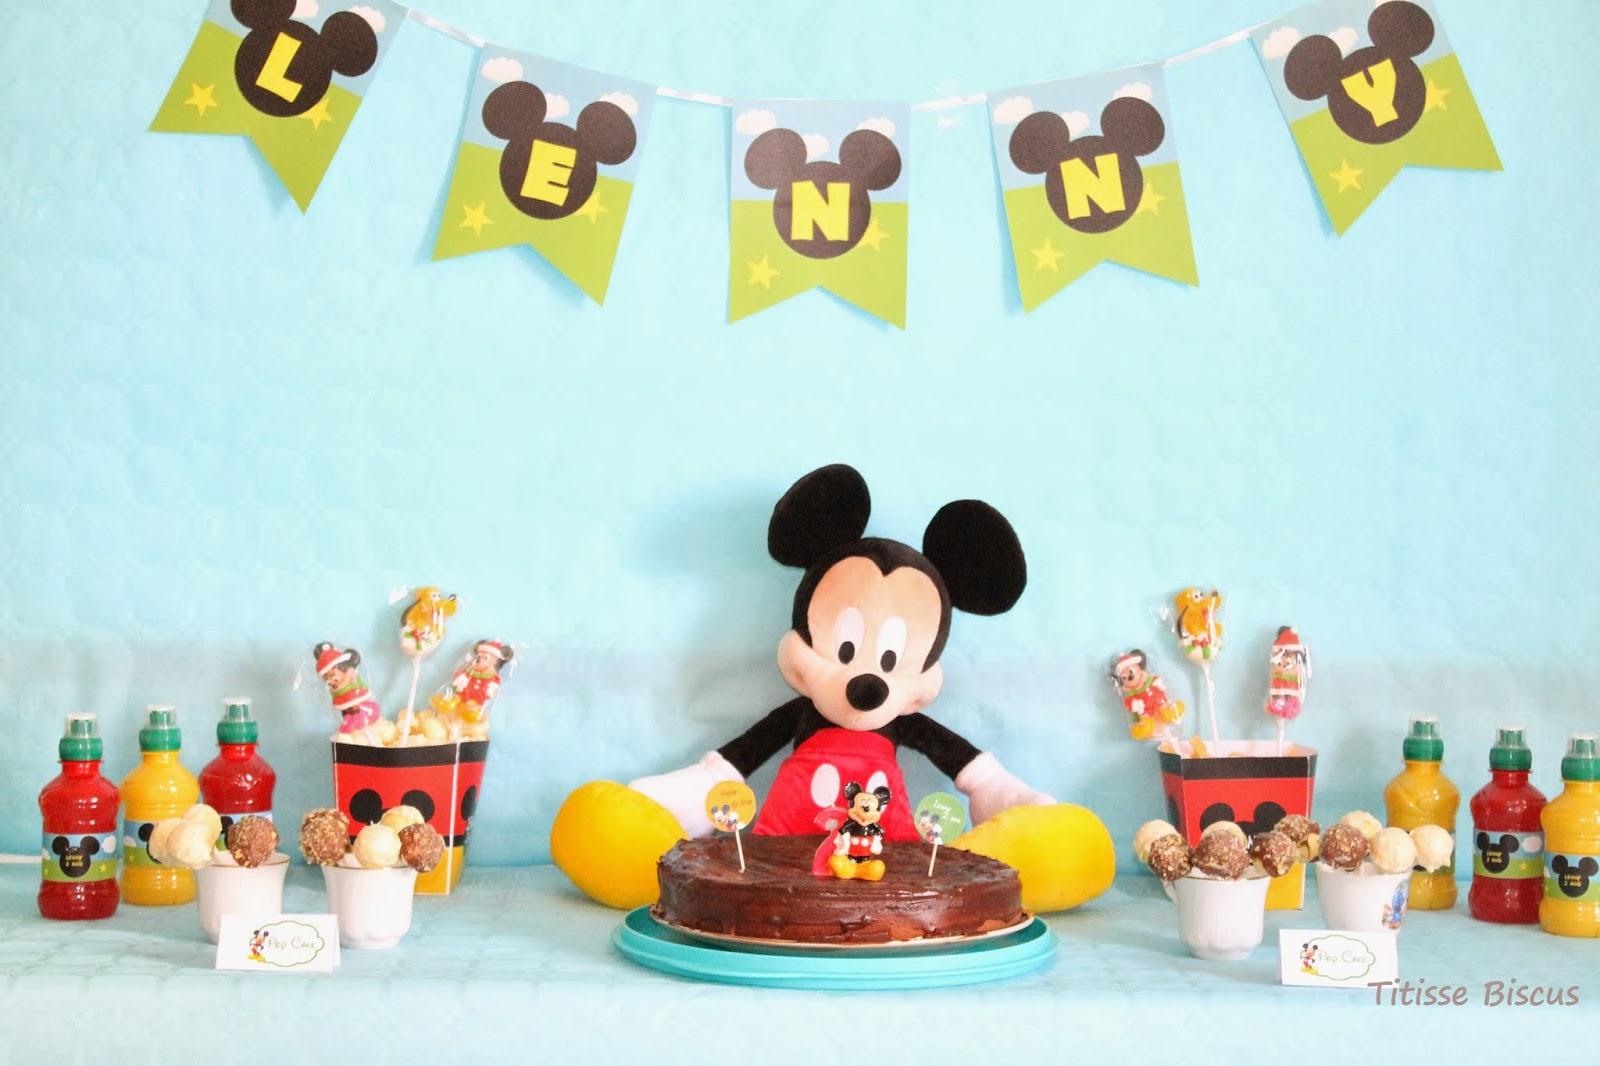 dossier organiser un anniversaire d enfant ou autre titisse biscus. Black Bedroom Furniture Sets. Home Design Ideas